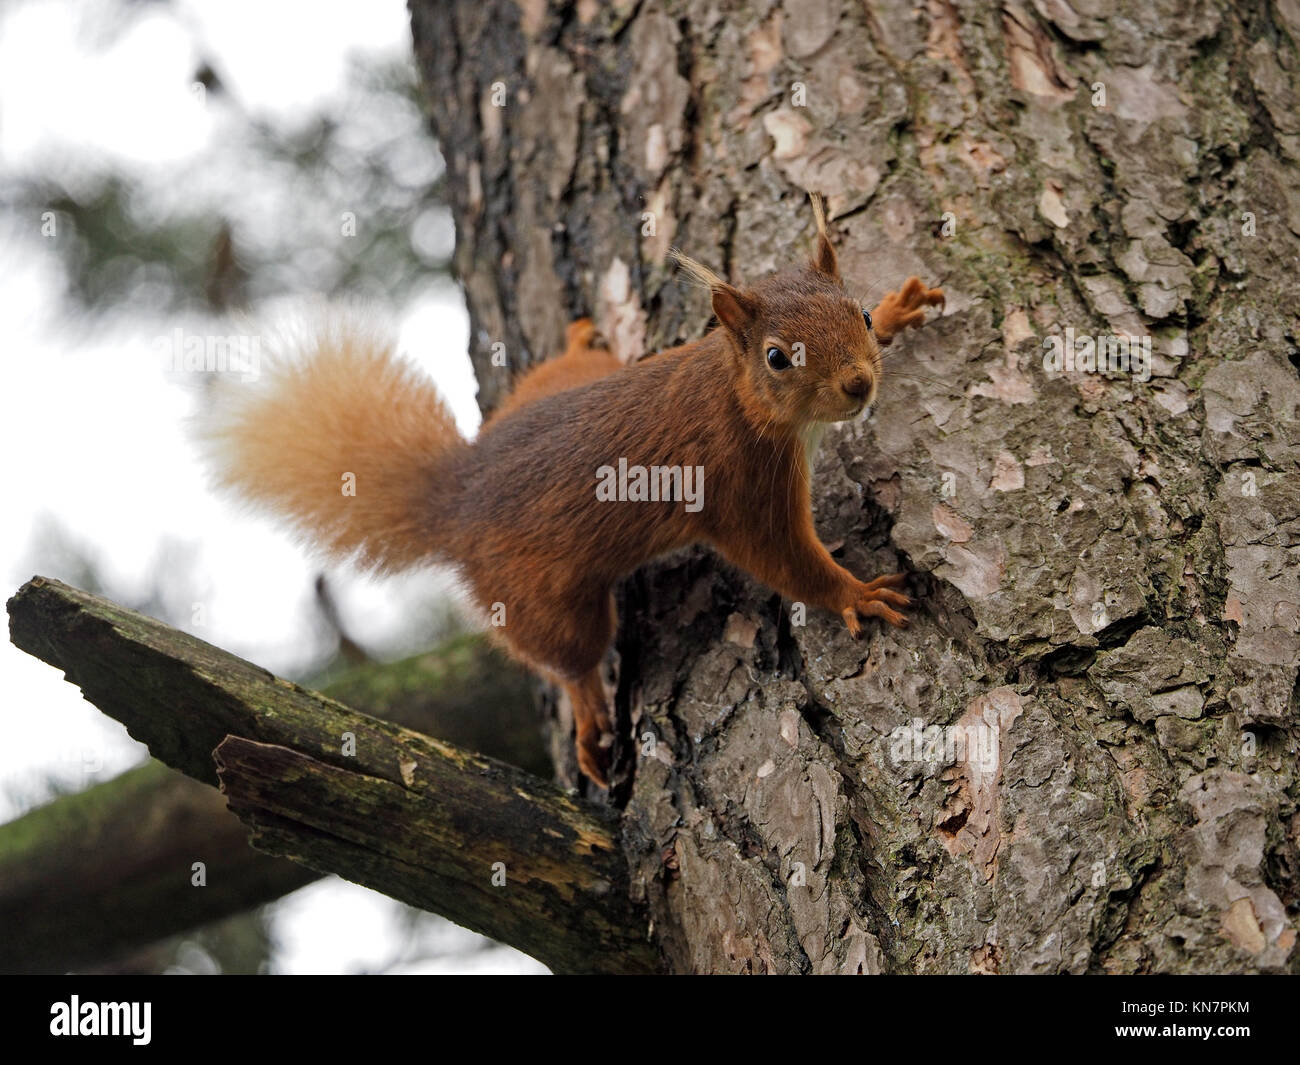 Eurasienne alerte l'écureuil roux (Sciurus vulgaris) et des mains avec des griffes sur l'écorce du tronc du pin sylvestre (Pinus sylvestris) dans la région de Cumbria, Angleterre, Royaume-Uni Banque D'Images